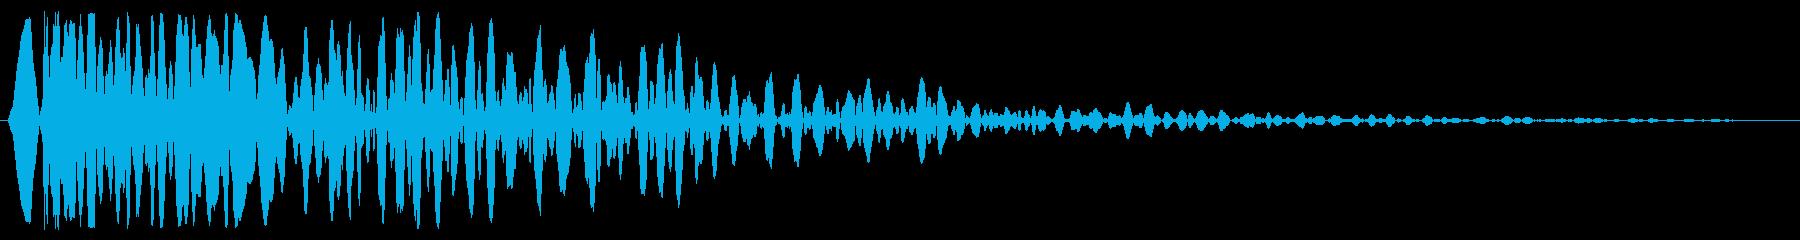 カチッバスーン(投げ込み音)の再生済みの波形